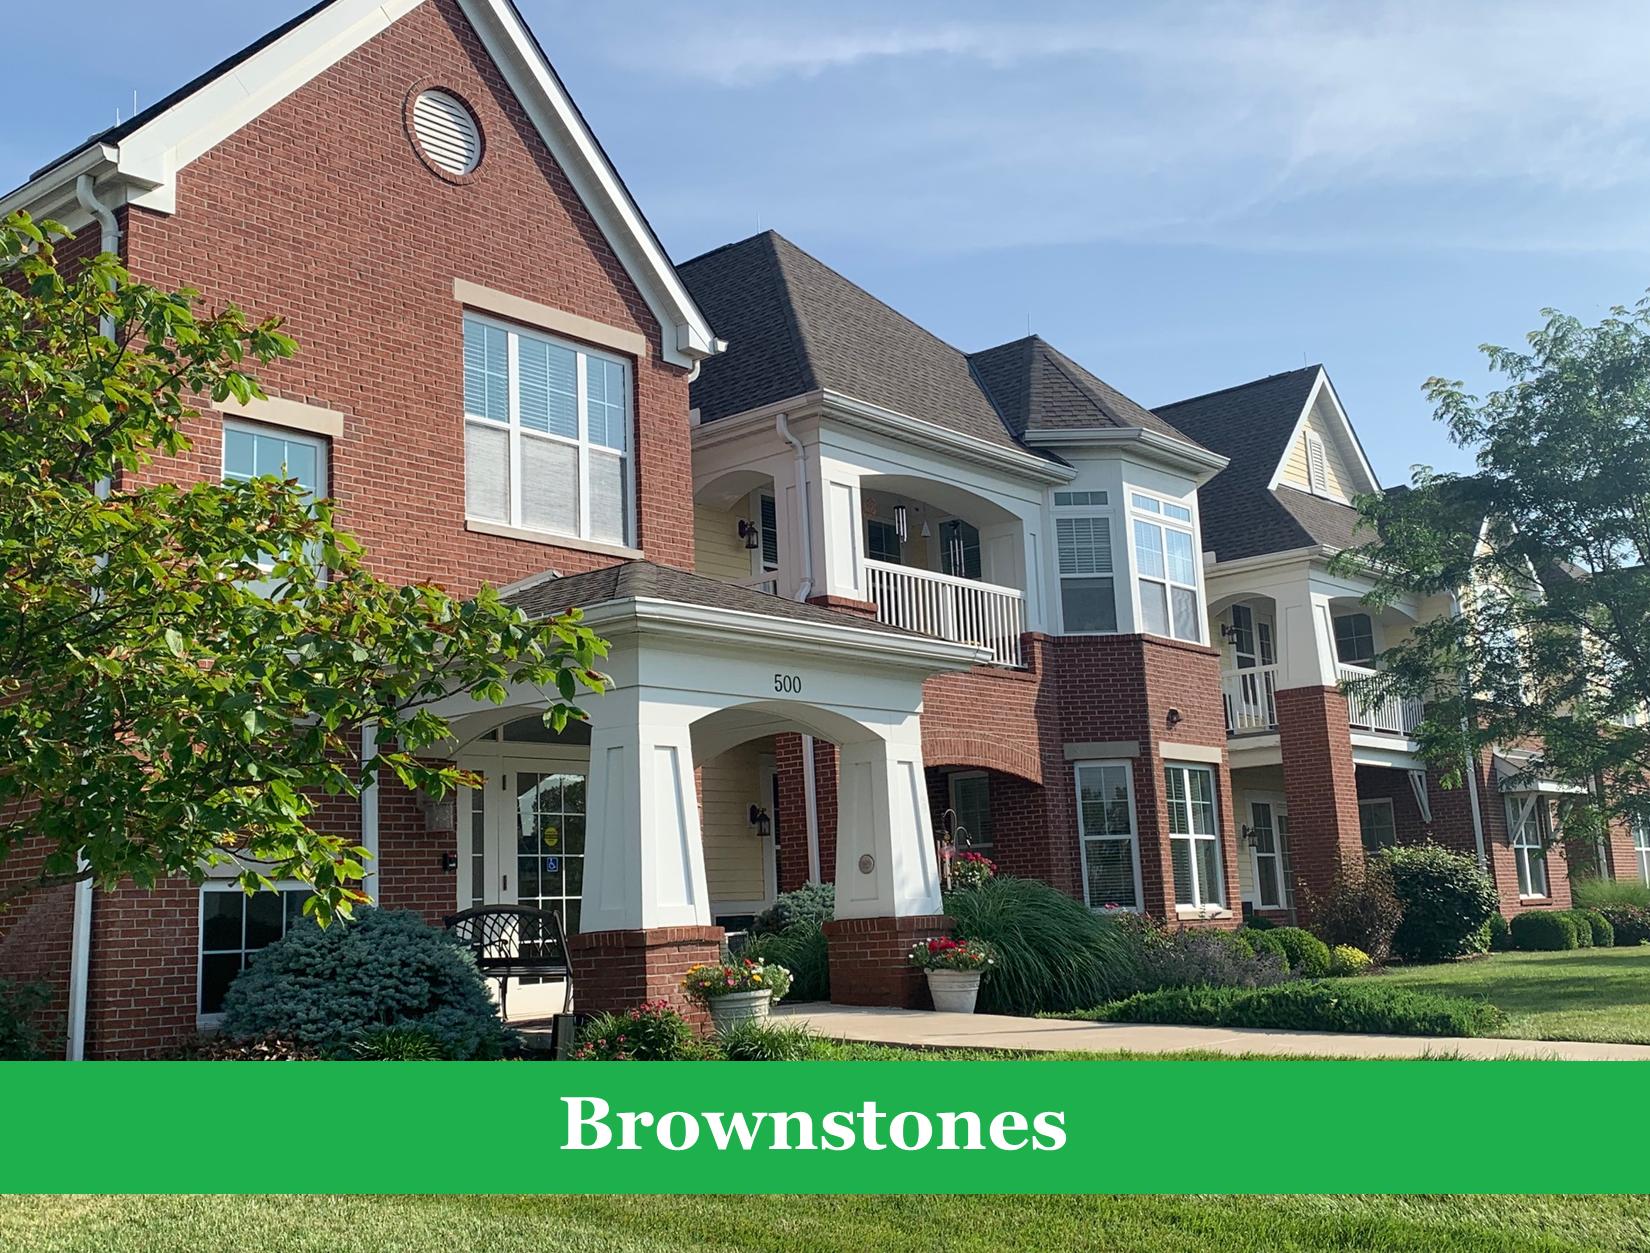 brownstones